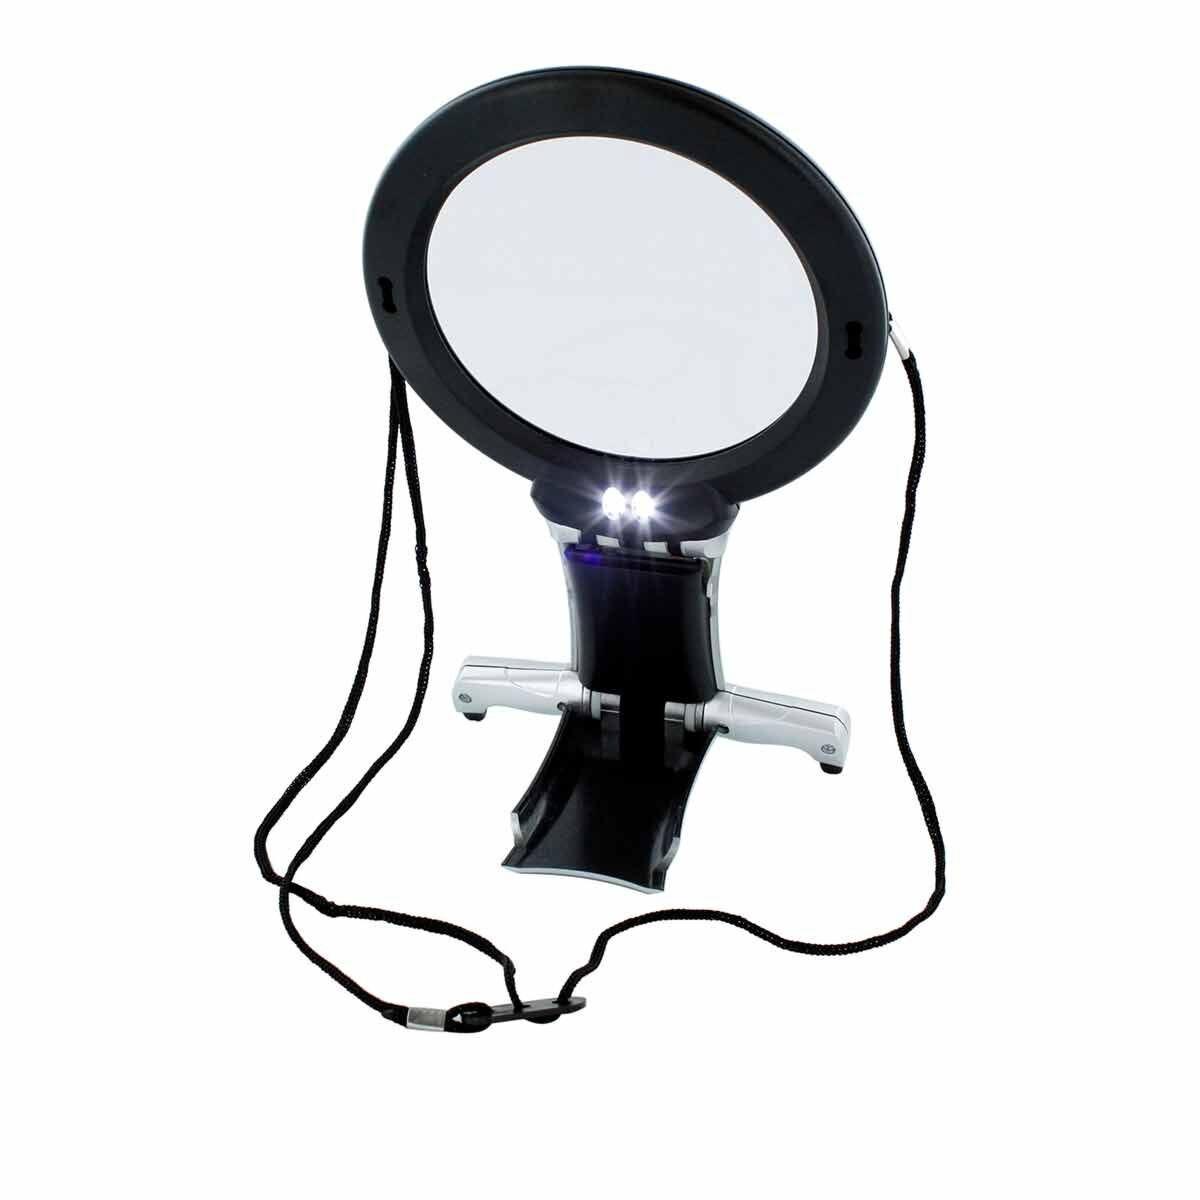 LED Neck and Desk Magnifier 2x with Inbuilt Lens